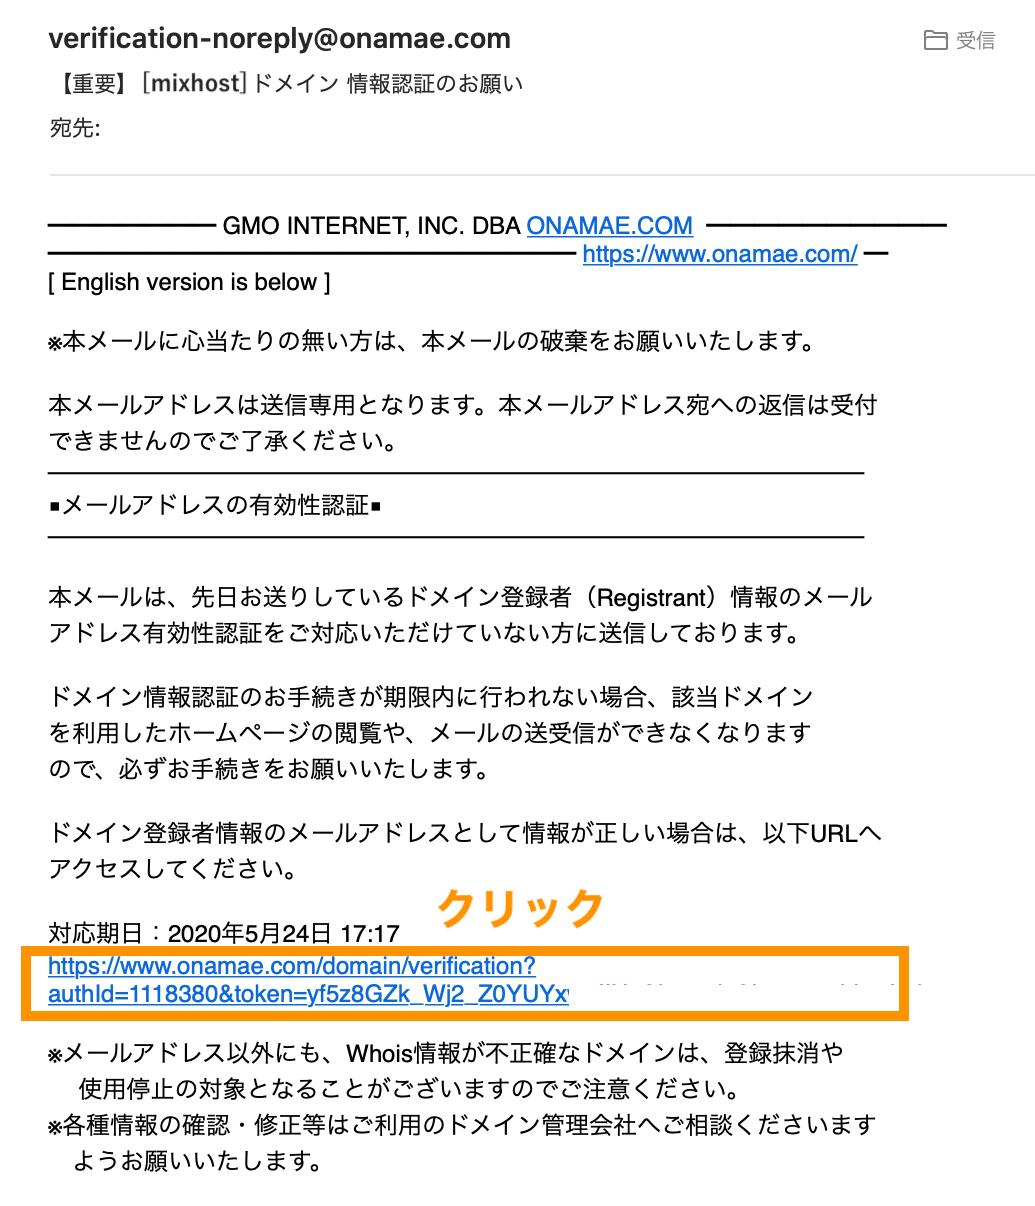 [mixhost]ドメイン認証のお願い